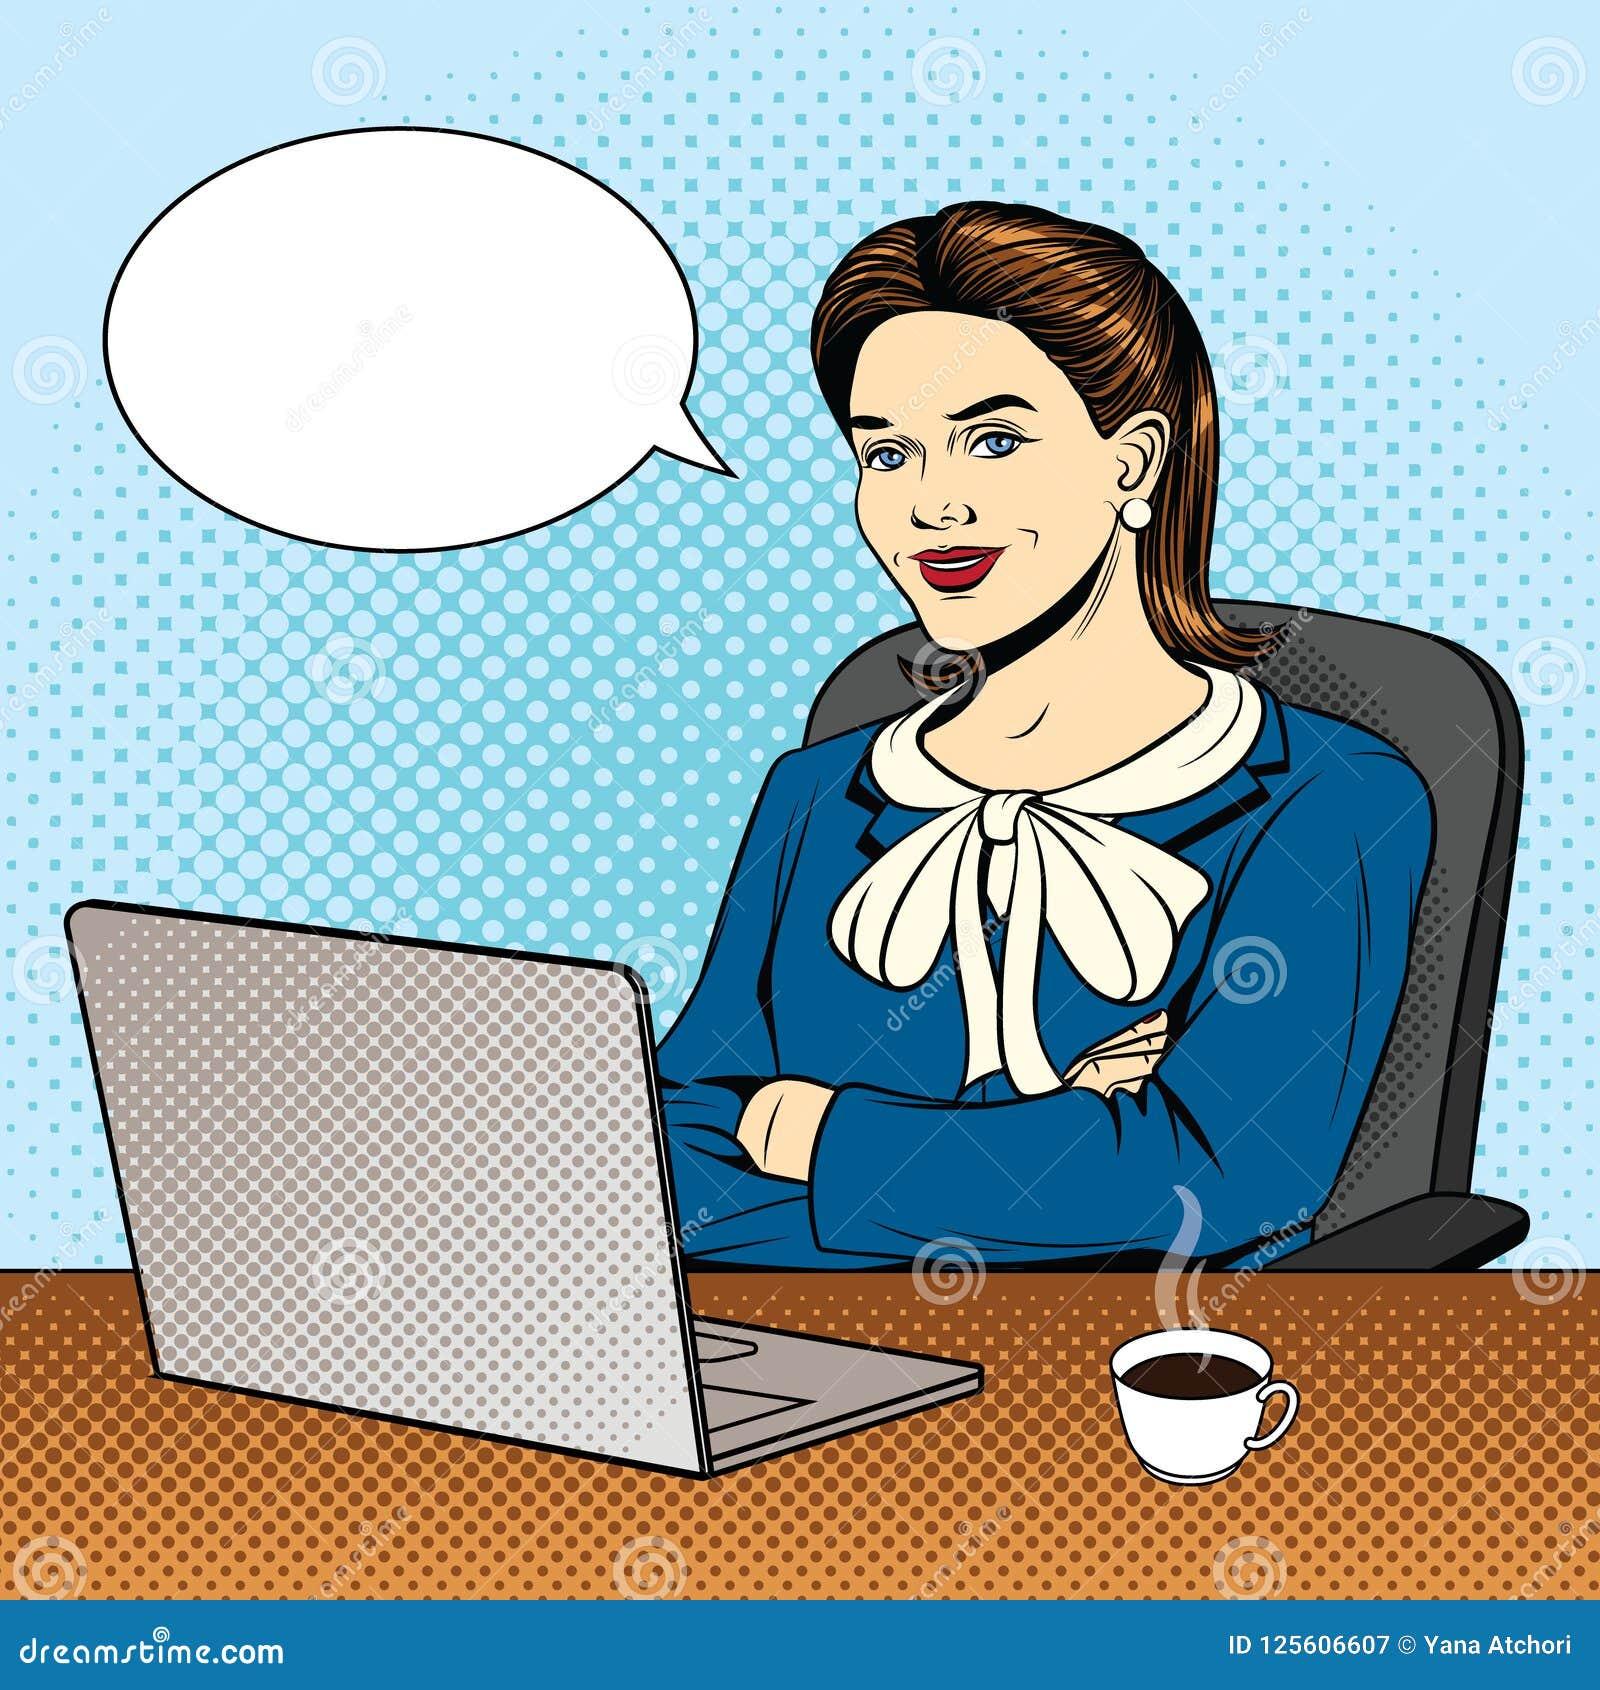 Vector komische Artillustration der Farbpop-art einer Geschäftsfrau, die am Computer sitzt